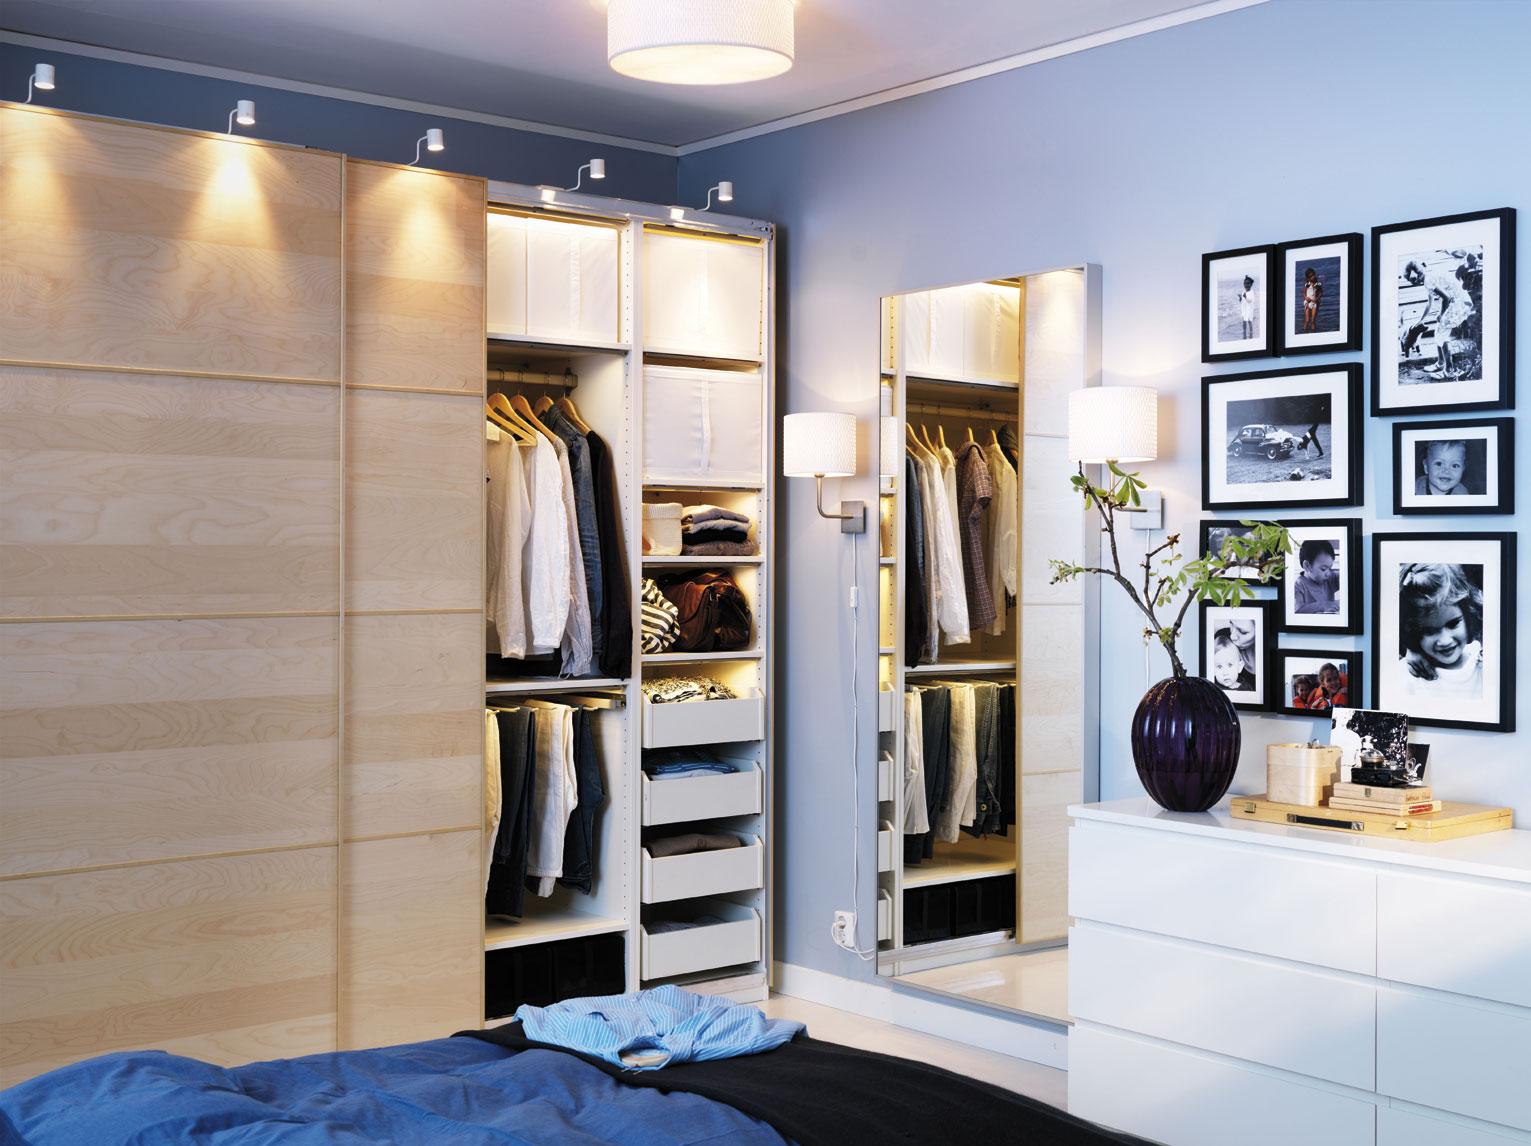 Ikea dormitorios 62 - Ikea armarios de dormitorio ...